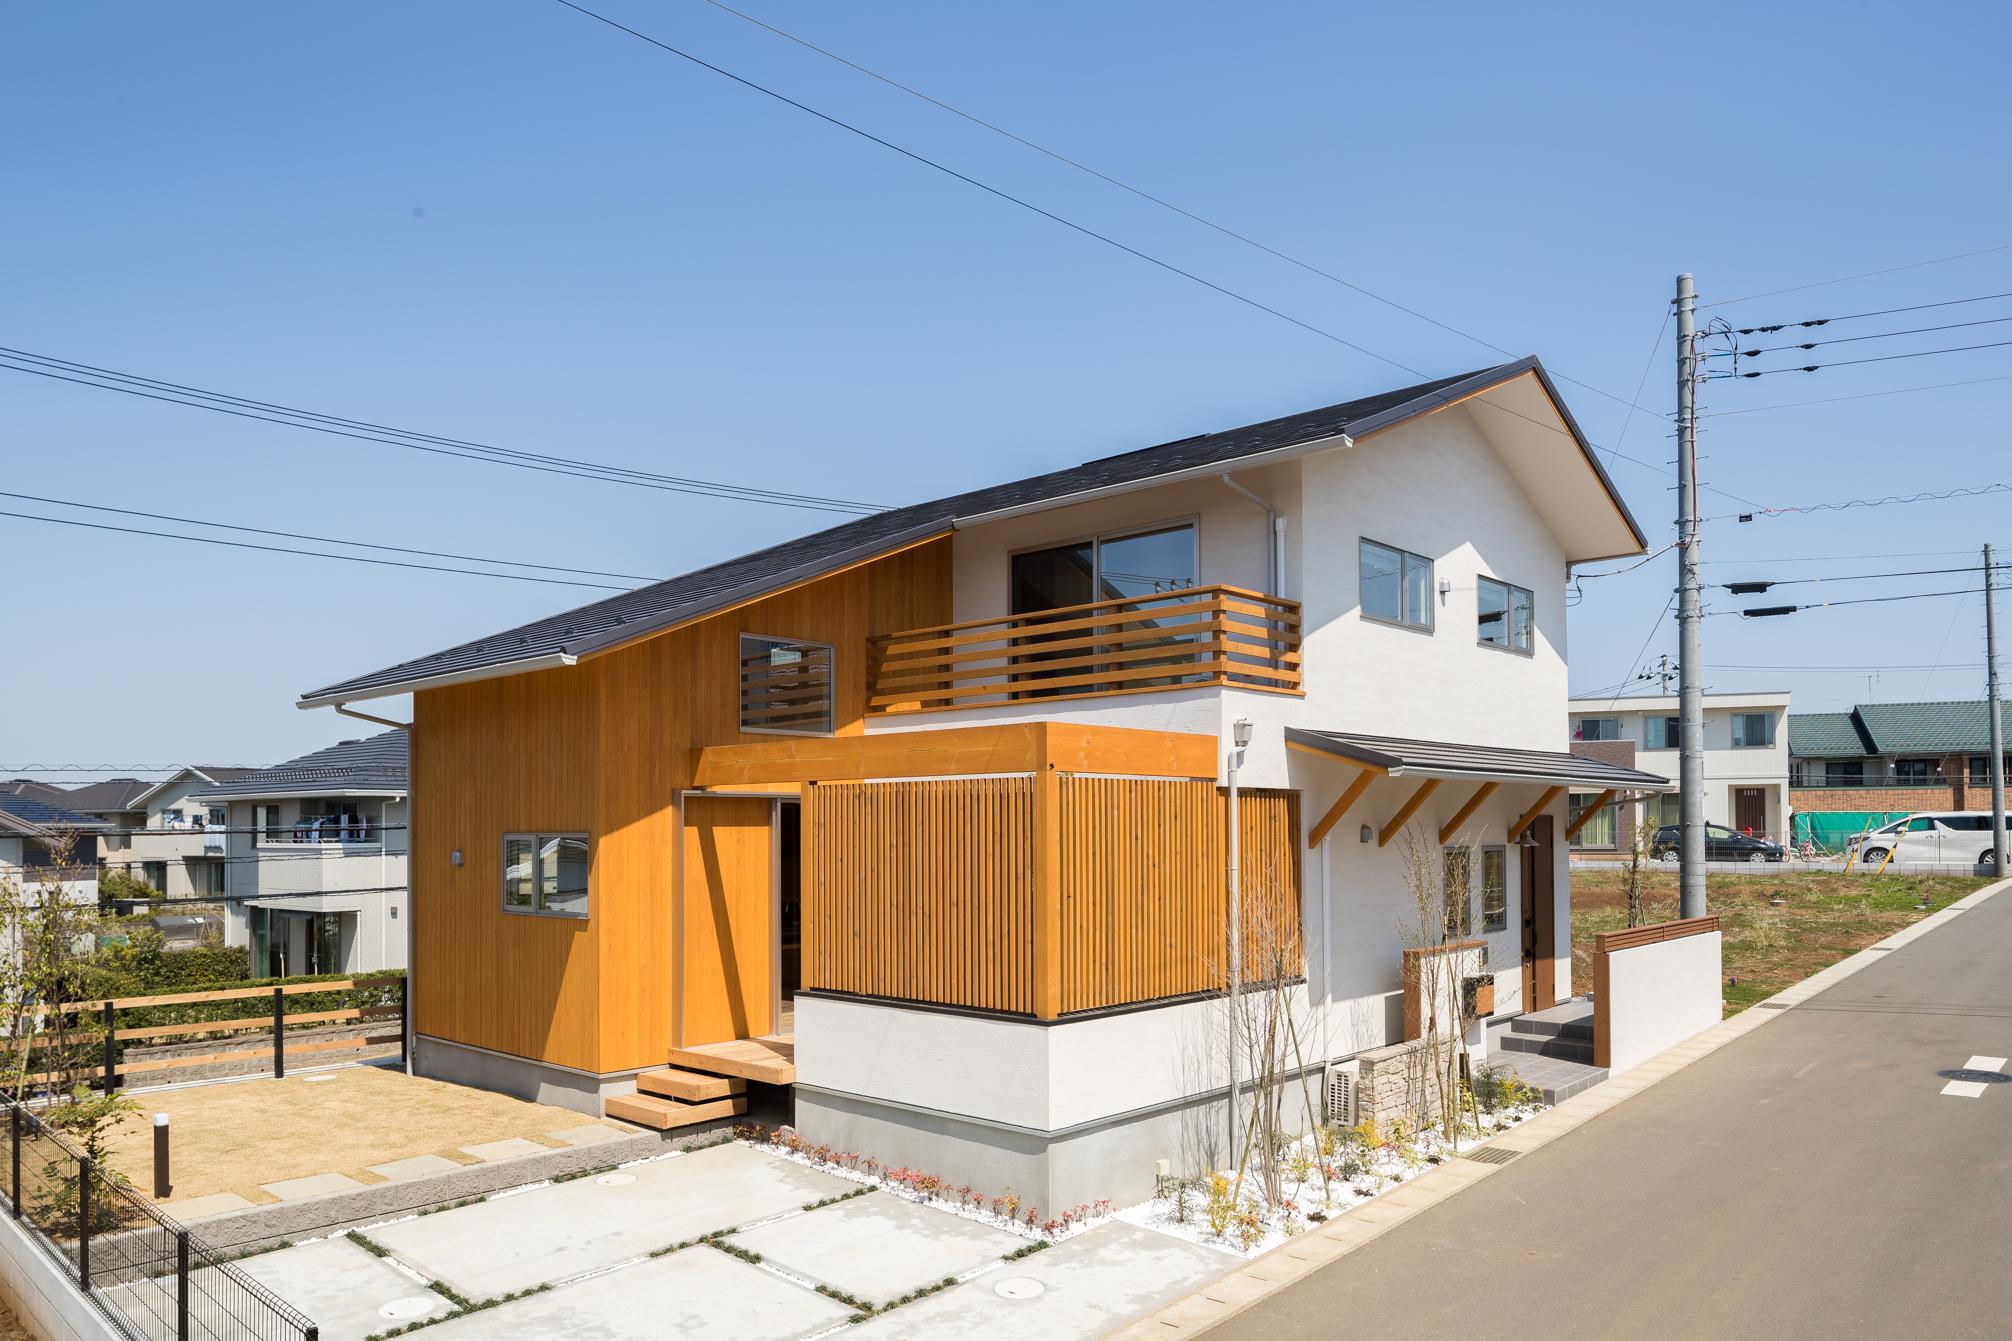 [写真]繋がり、広がり空間の家